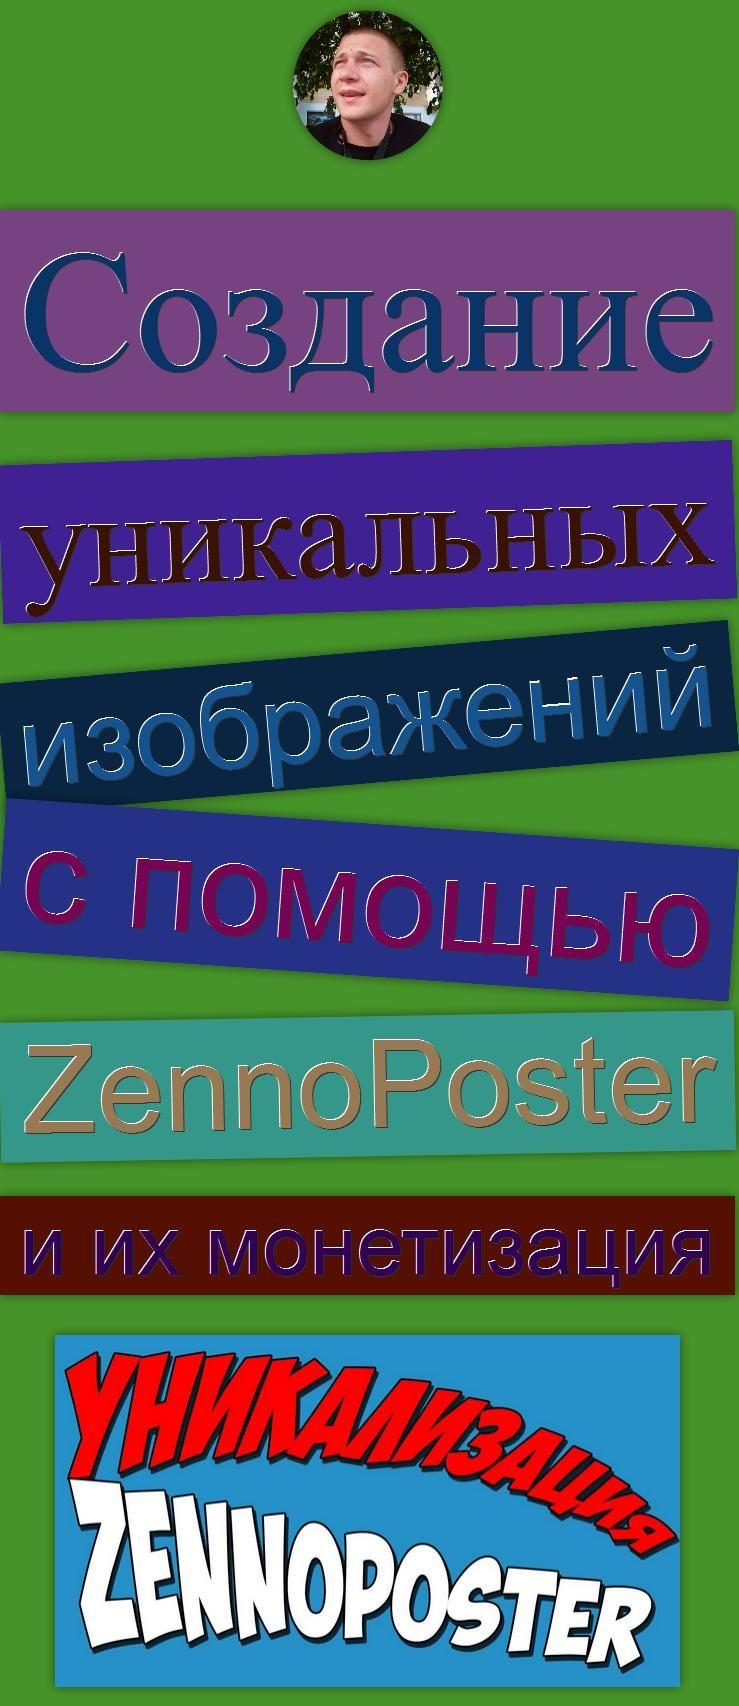 создание изображений онлайн